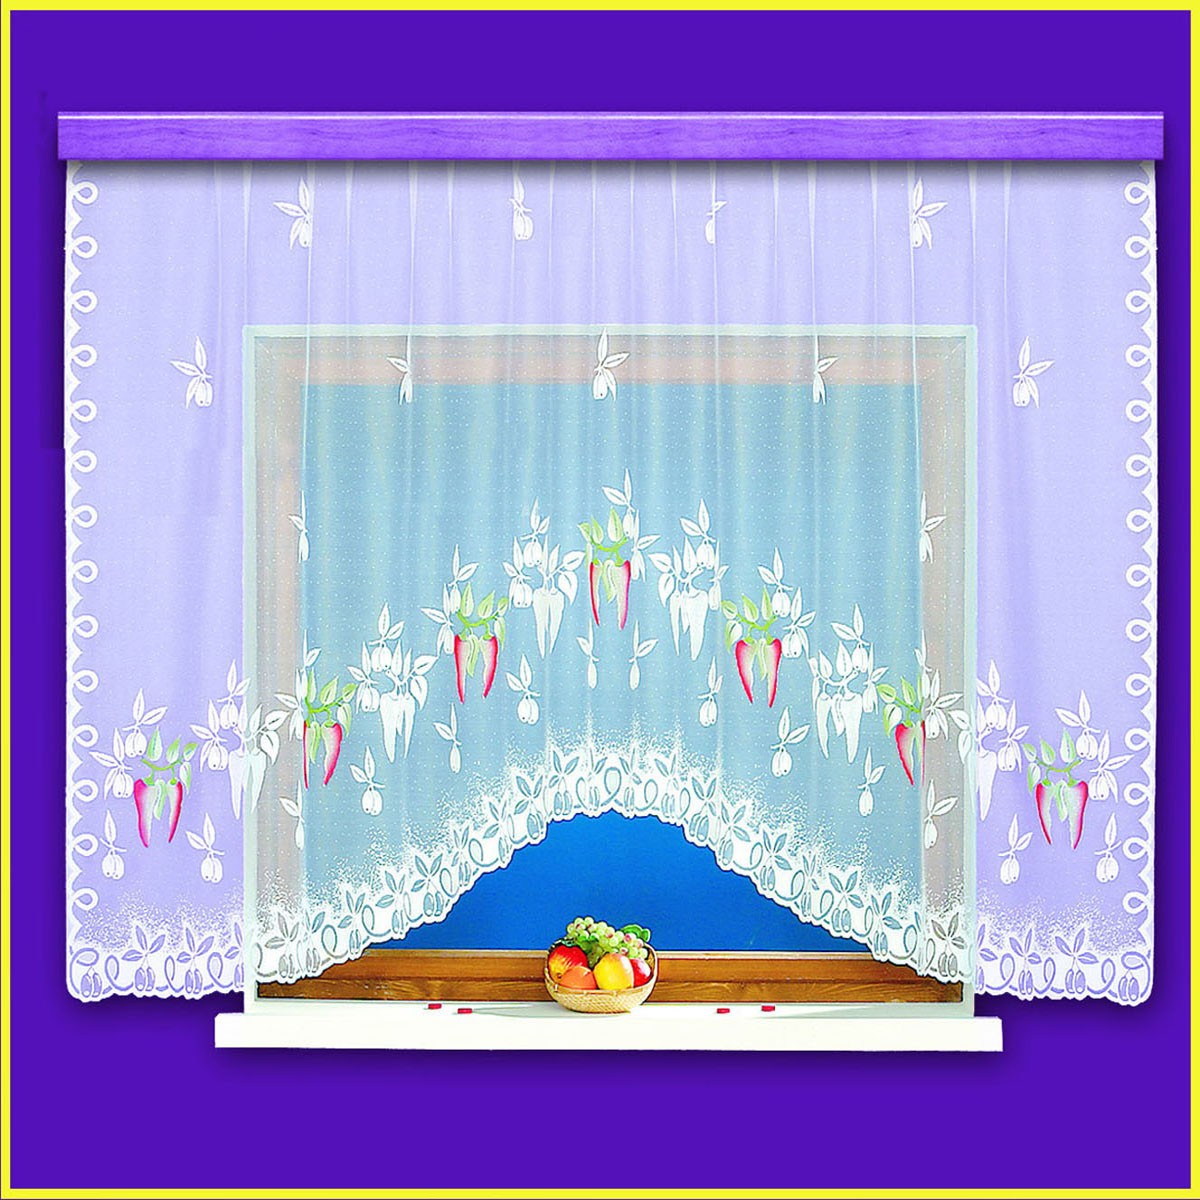 Гардина Haft, цвет: белый, ширина 310 см, высота 160 см10370/160белая жаккардовая гардина с крашенным изображением острого перцаРазмеры: высота 160, ширина 310